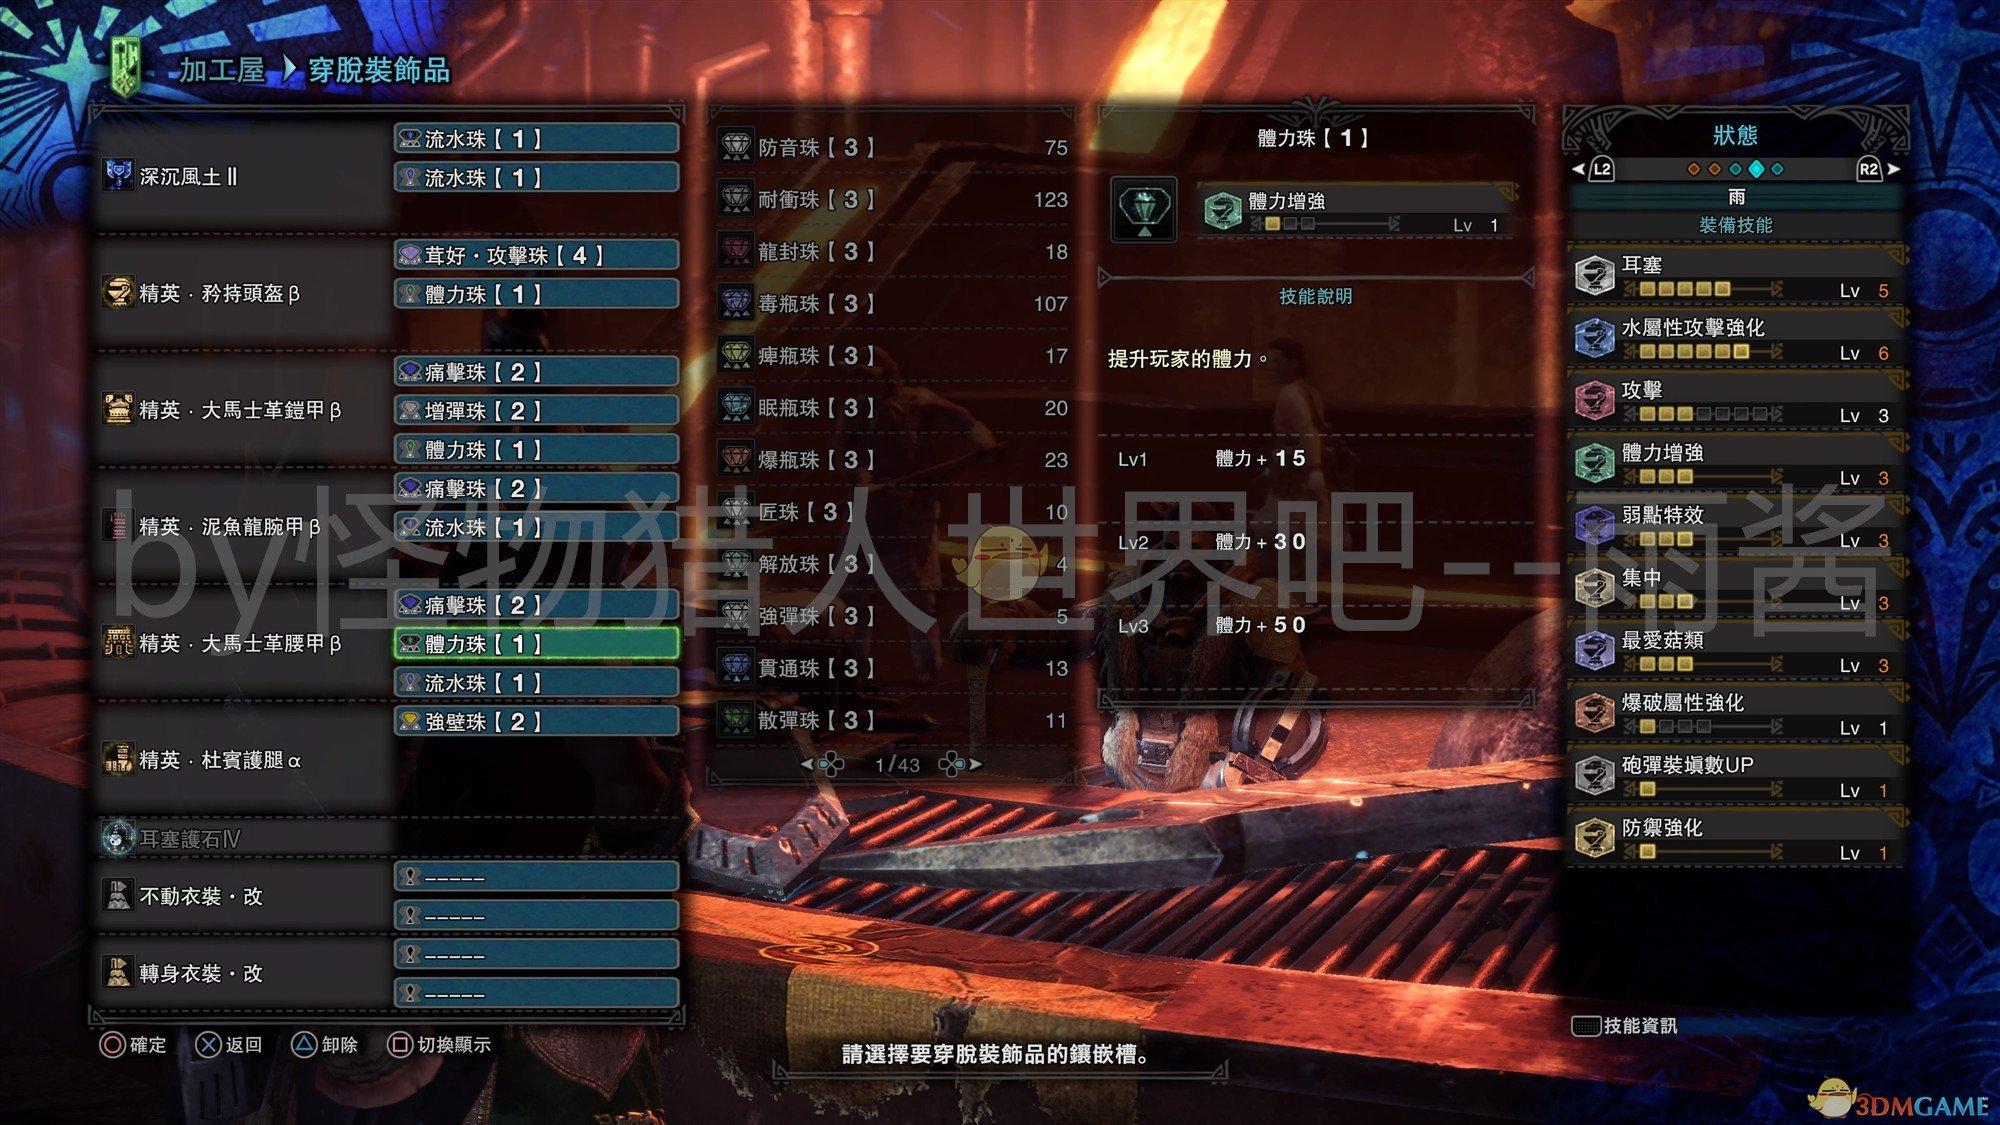 《怪物猎人:世界》冰原DLC盾斧开荒属性盾斧装备搭配推荐